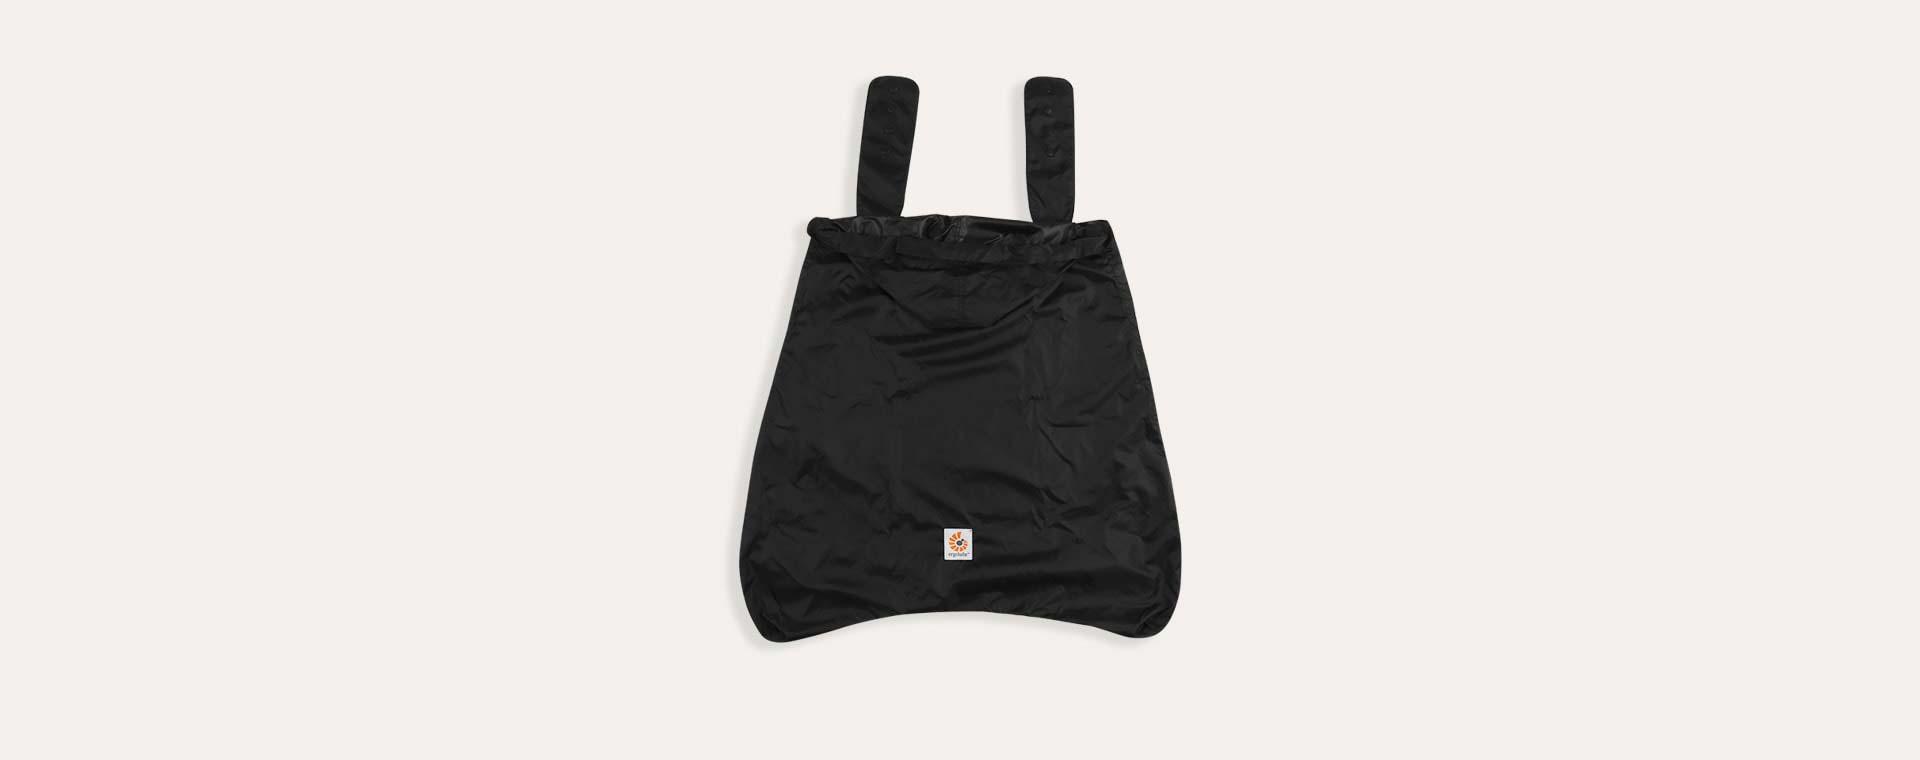 Black Ergobaby Carrier Rain Cover